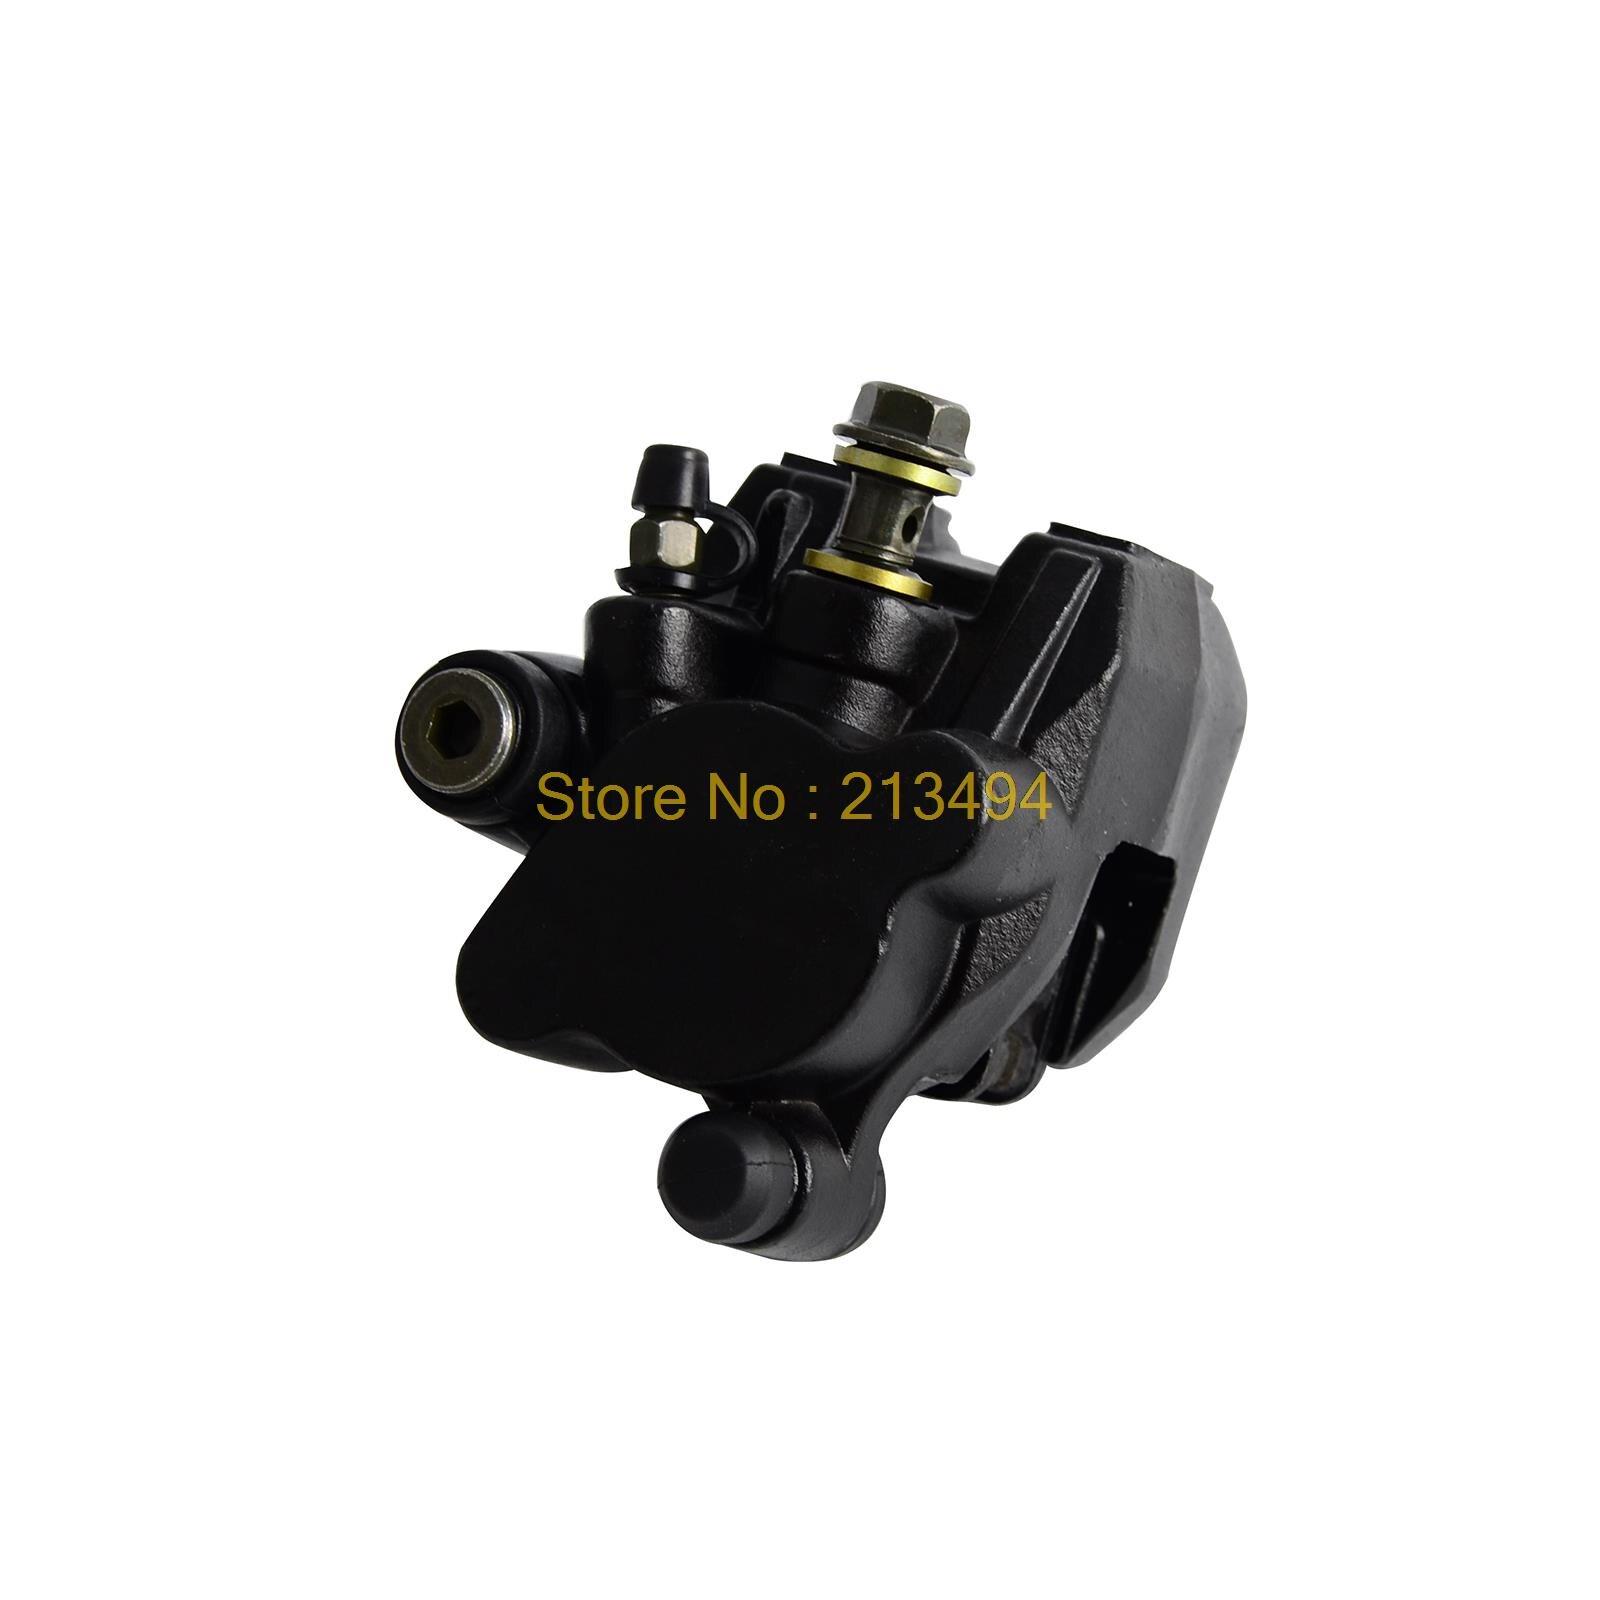 Motorcycle Parts Rear Brake Caliper For Honda TRX400EX Sportrax 400EX 1999-2009 &amp; 2012-2014 TRX400 EX NEW<br>